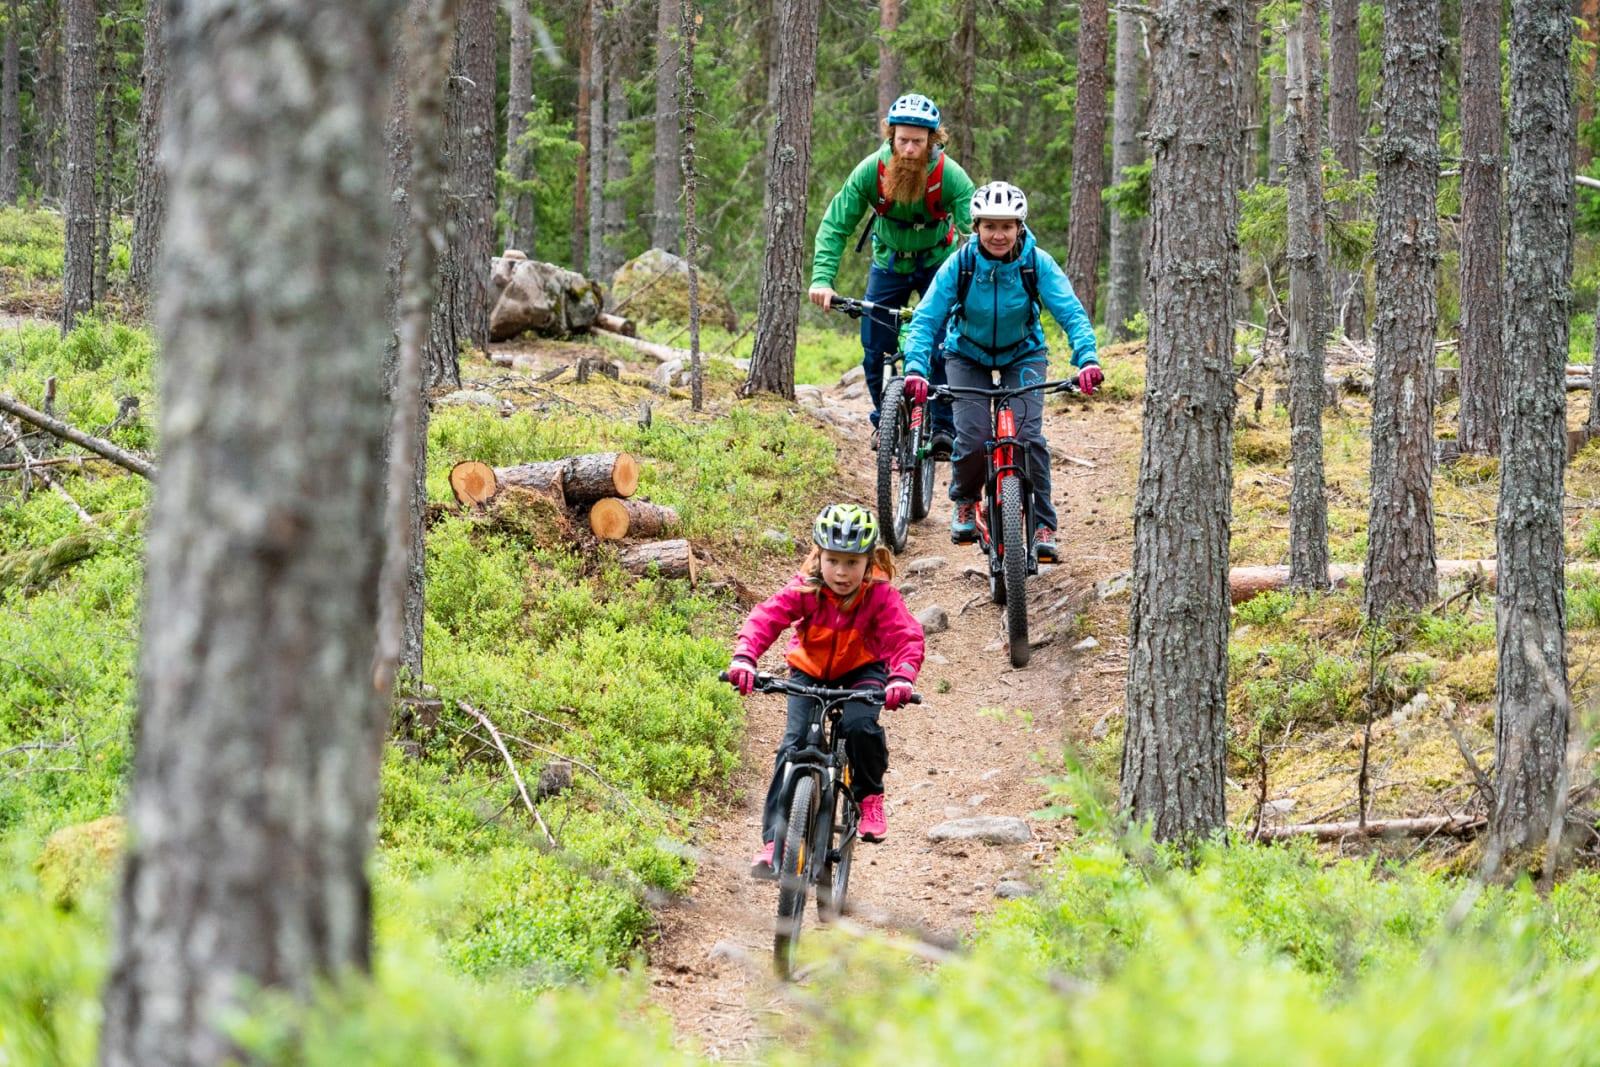 VI HAR ALLE VÆRT NYBEGYNNERE: Sykkelekspert Aslak Mørstad har reist til Trysil for å hjelpe mor Irene og datter Live med syklingen. Bilde: Christian Nerdrum